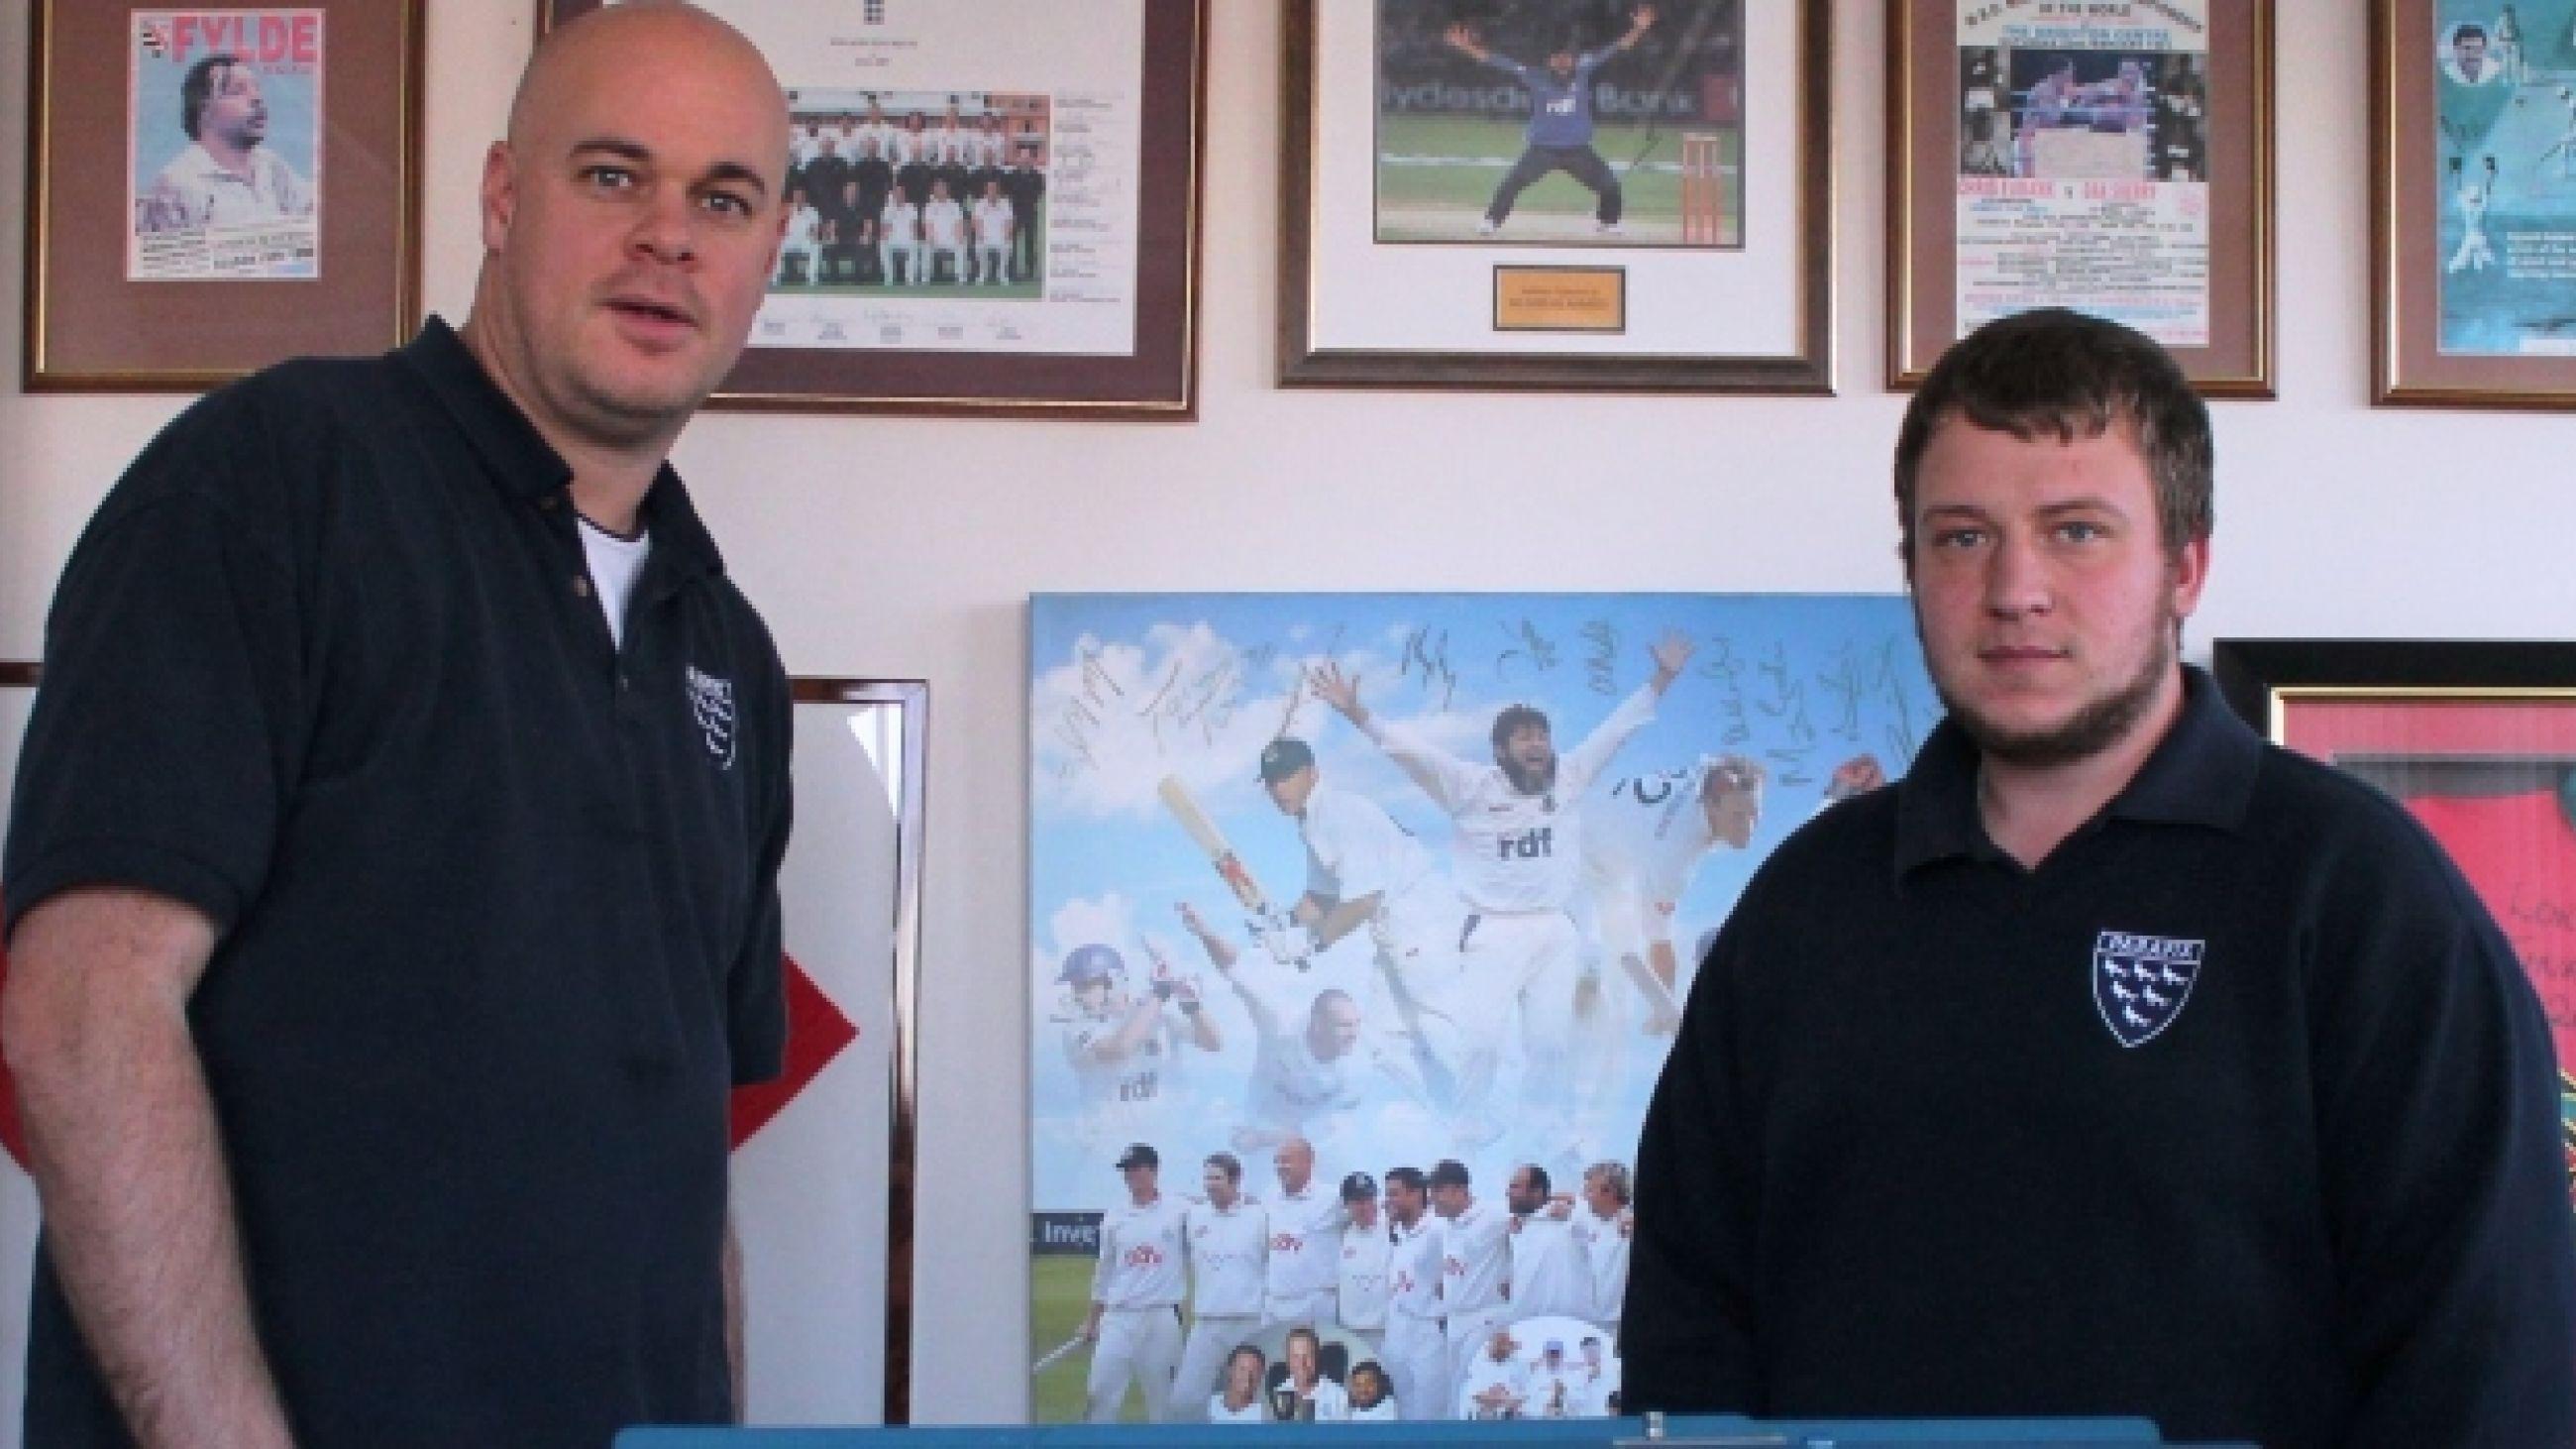 Parafix Sussex Senior Challenge Cup 3rd round draw 2013